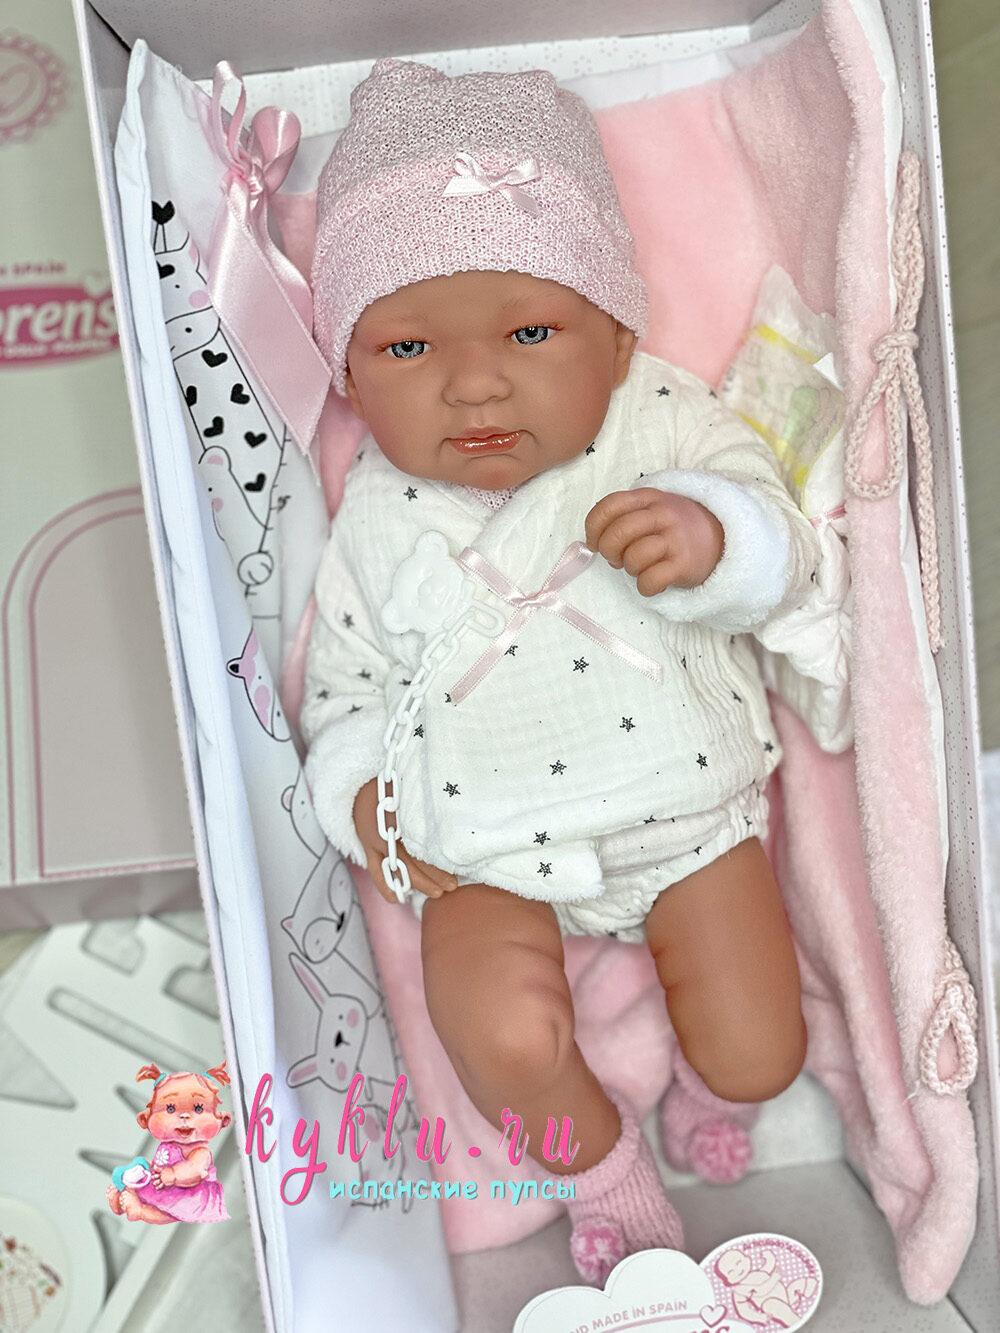 Девочка младенец в светлом костюме от Llorens